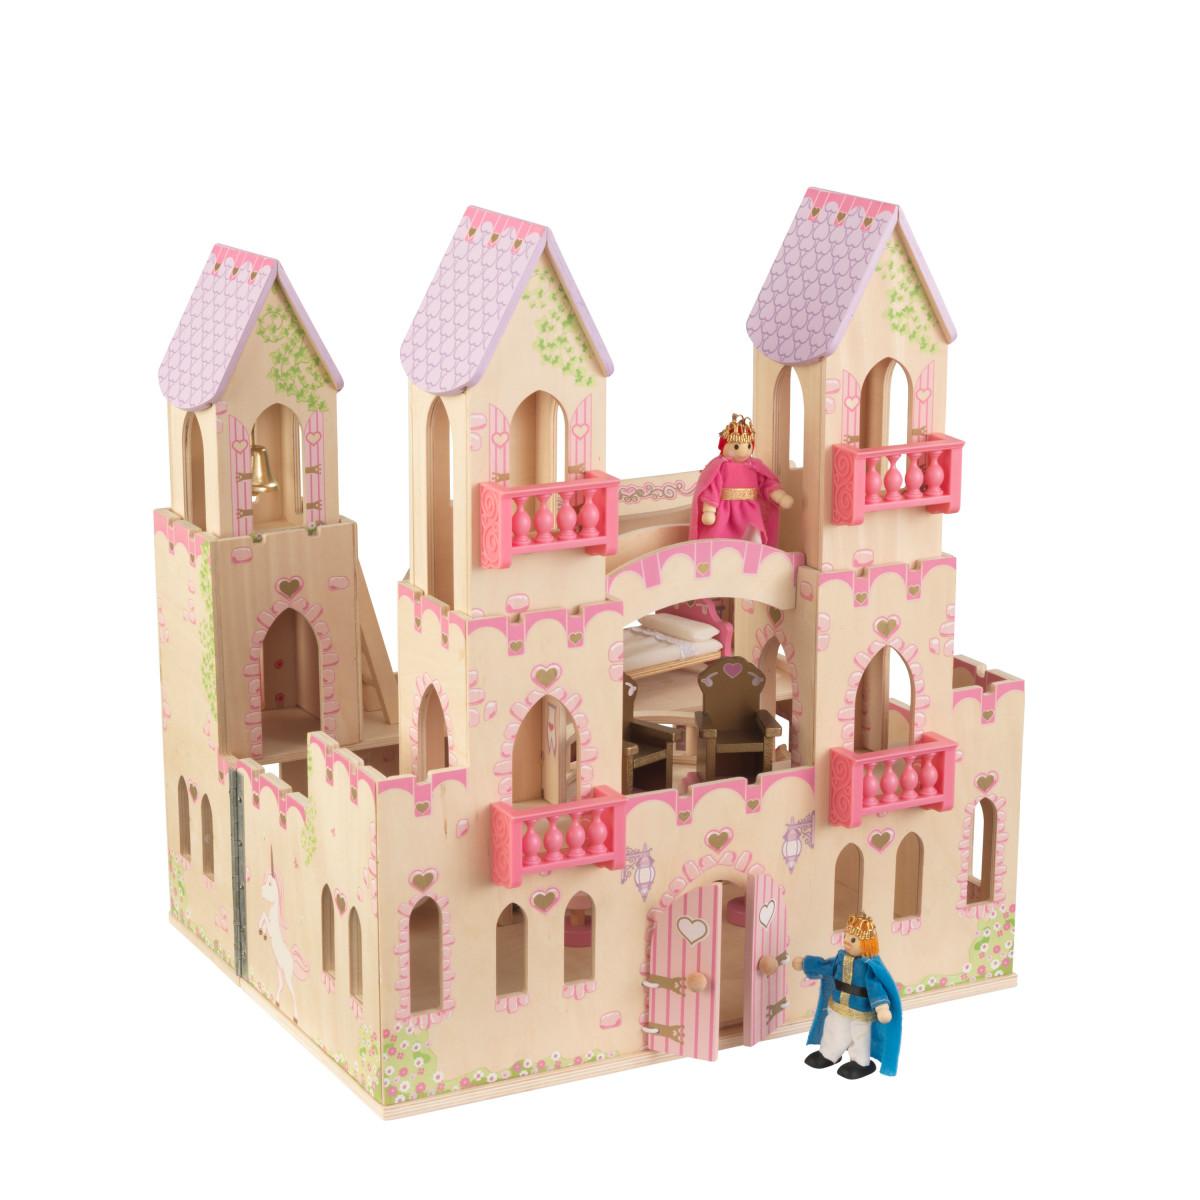 Geburtstag Bastel Set aus Holz Prinzessin Burg Schloss Kreativ Set für Kinder